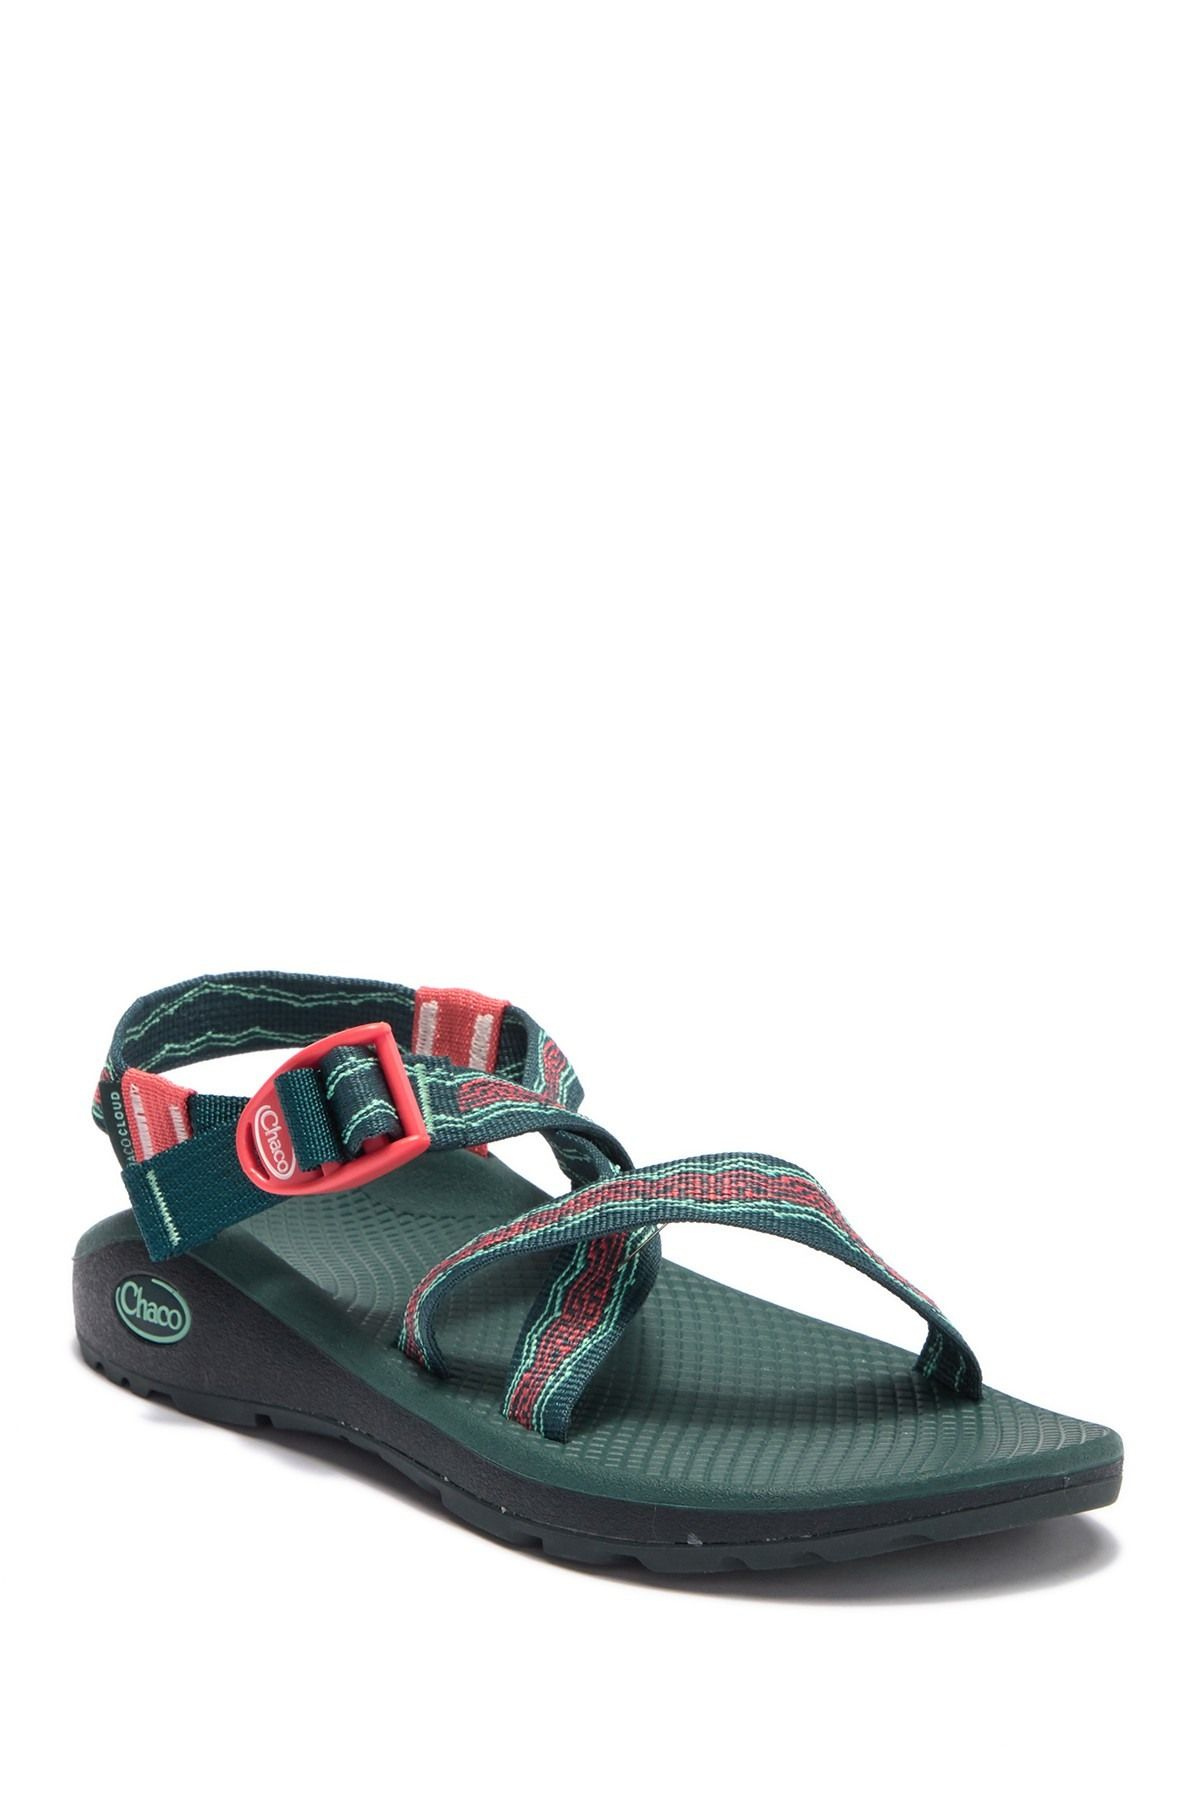 Chaco | Z Cloud Sandal | Sandals